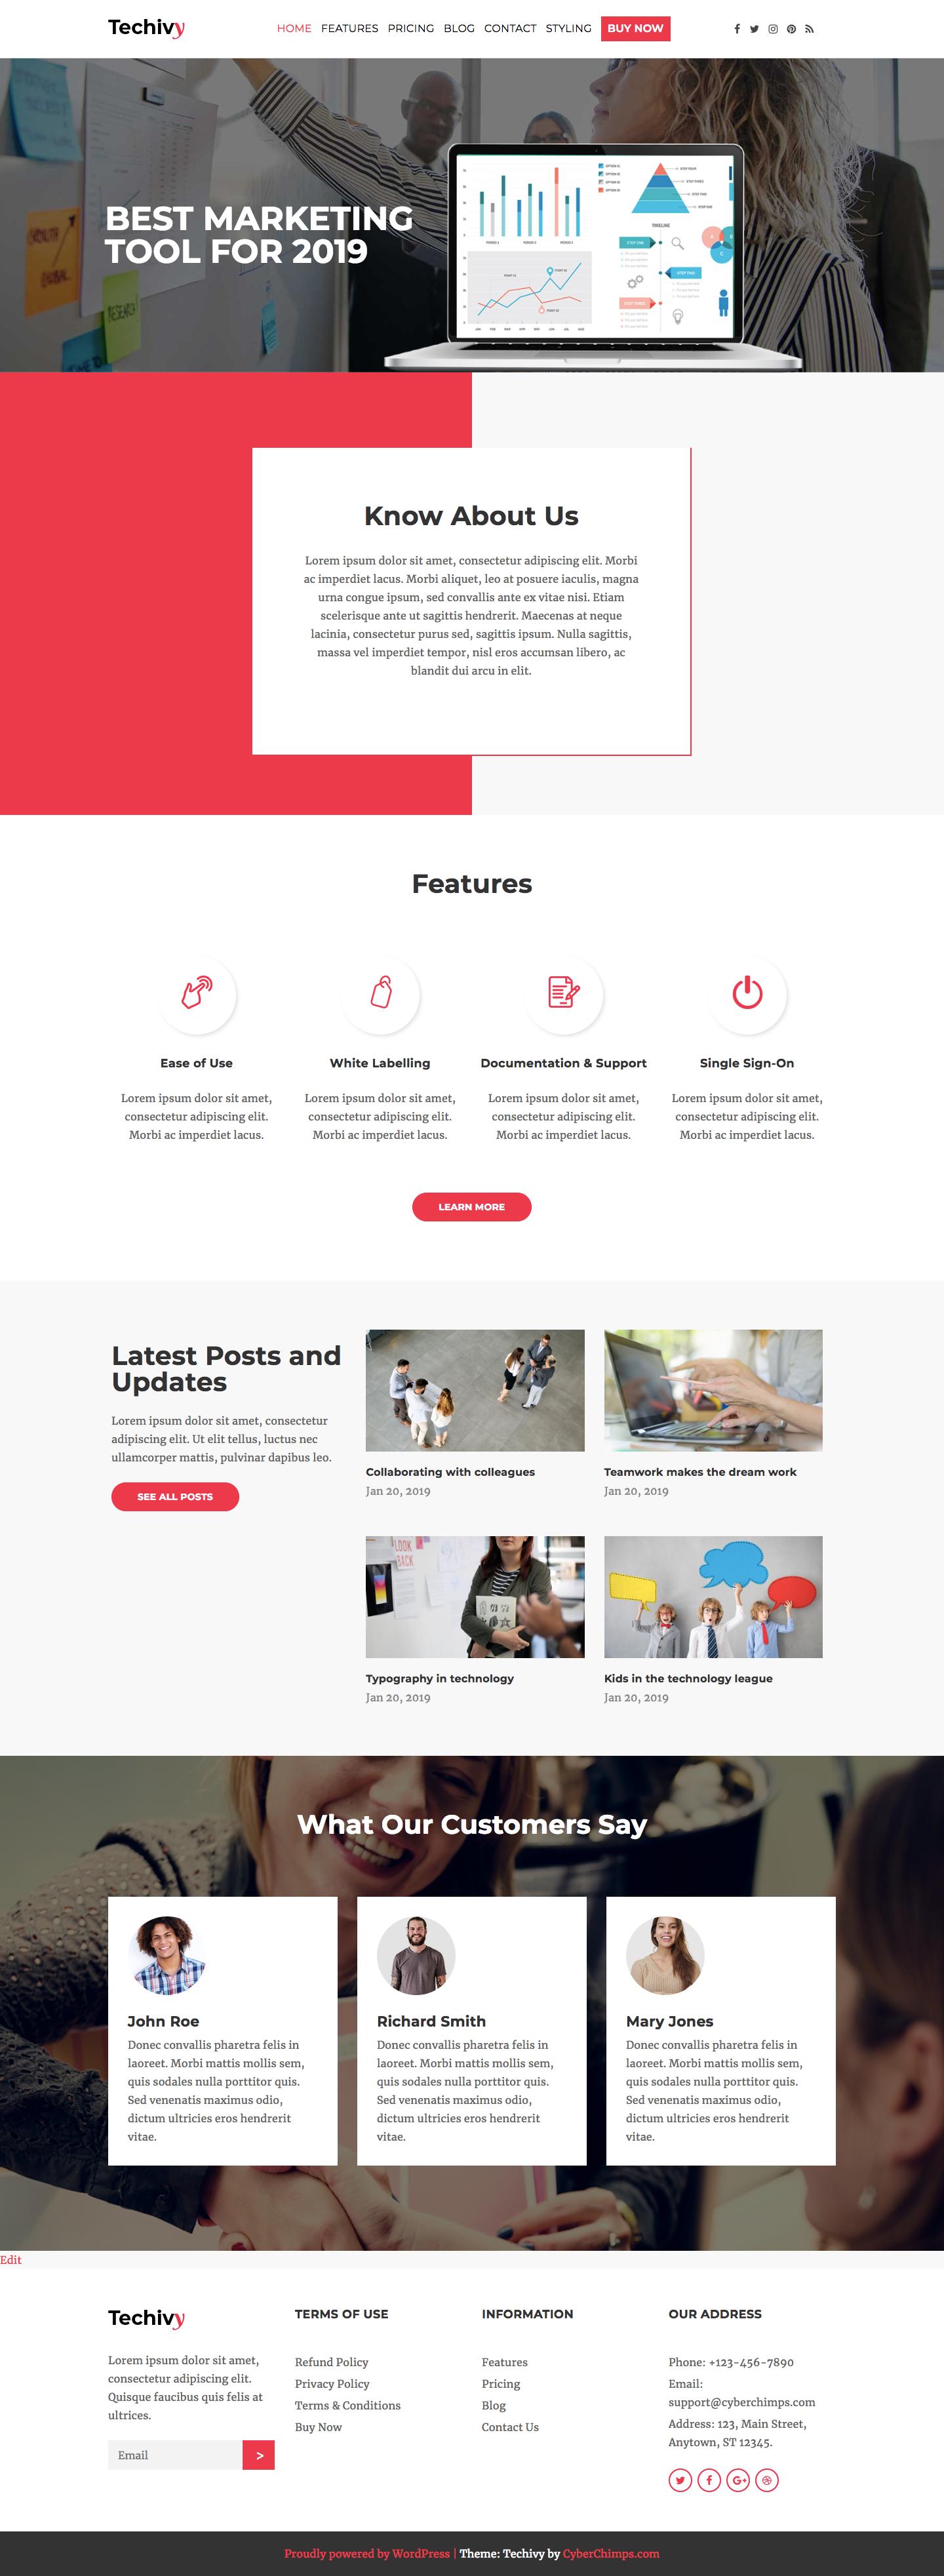 techivy-homepage